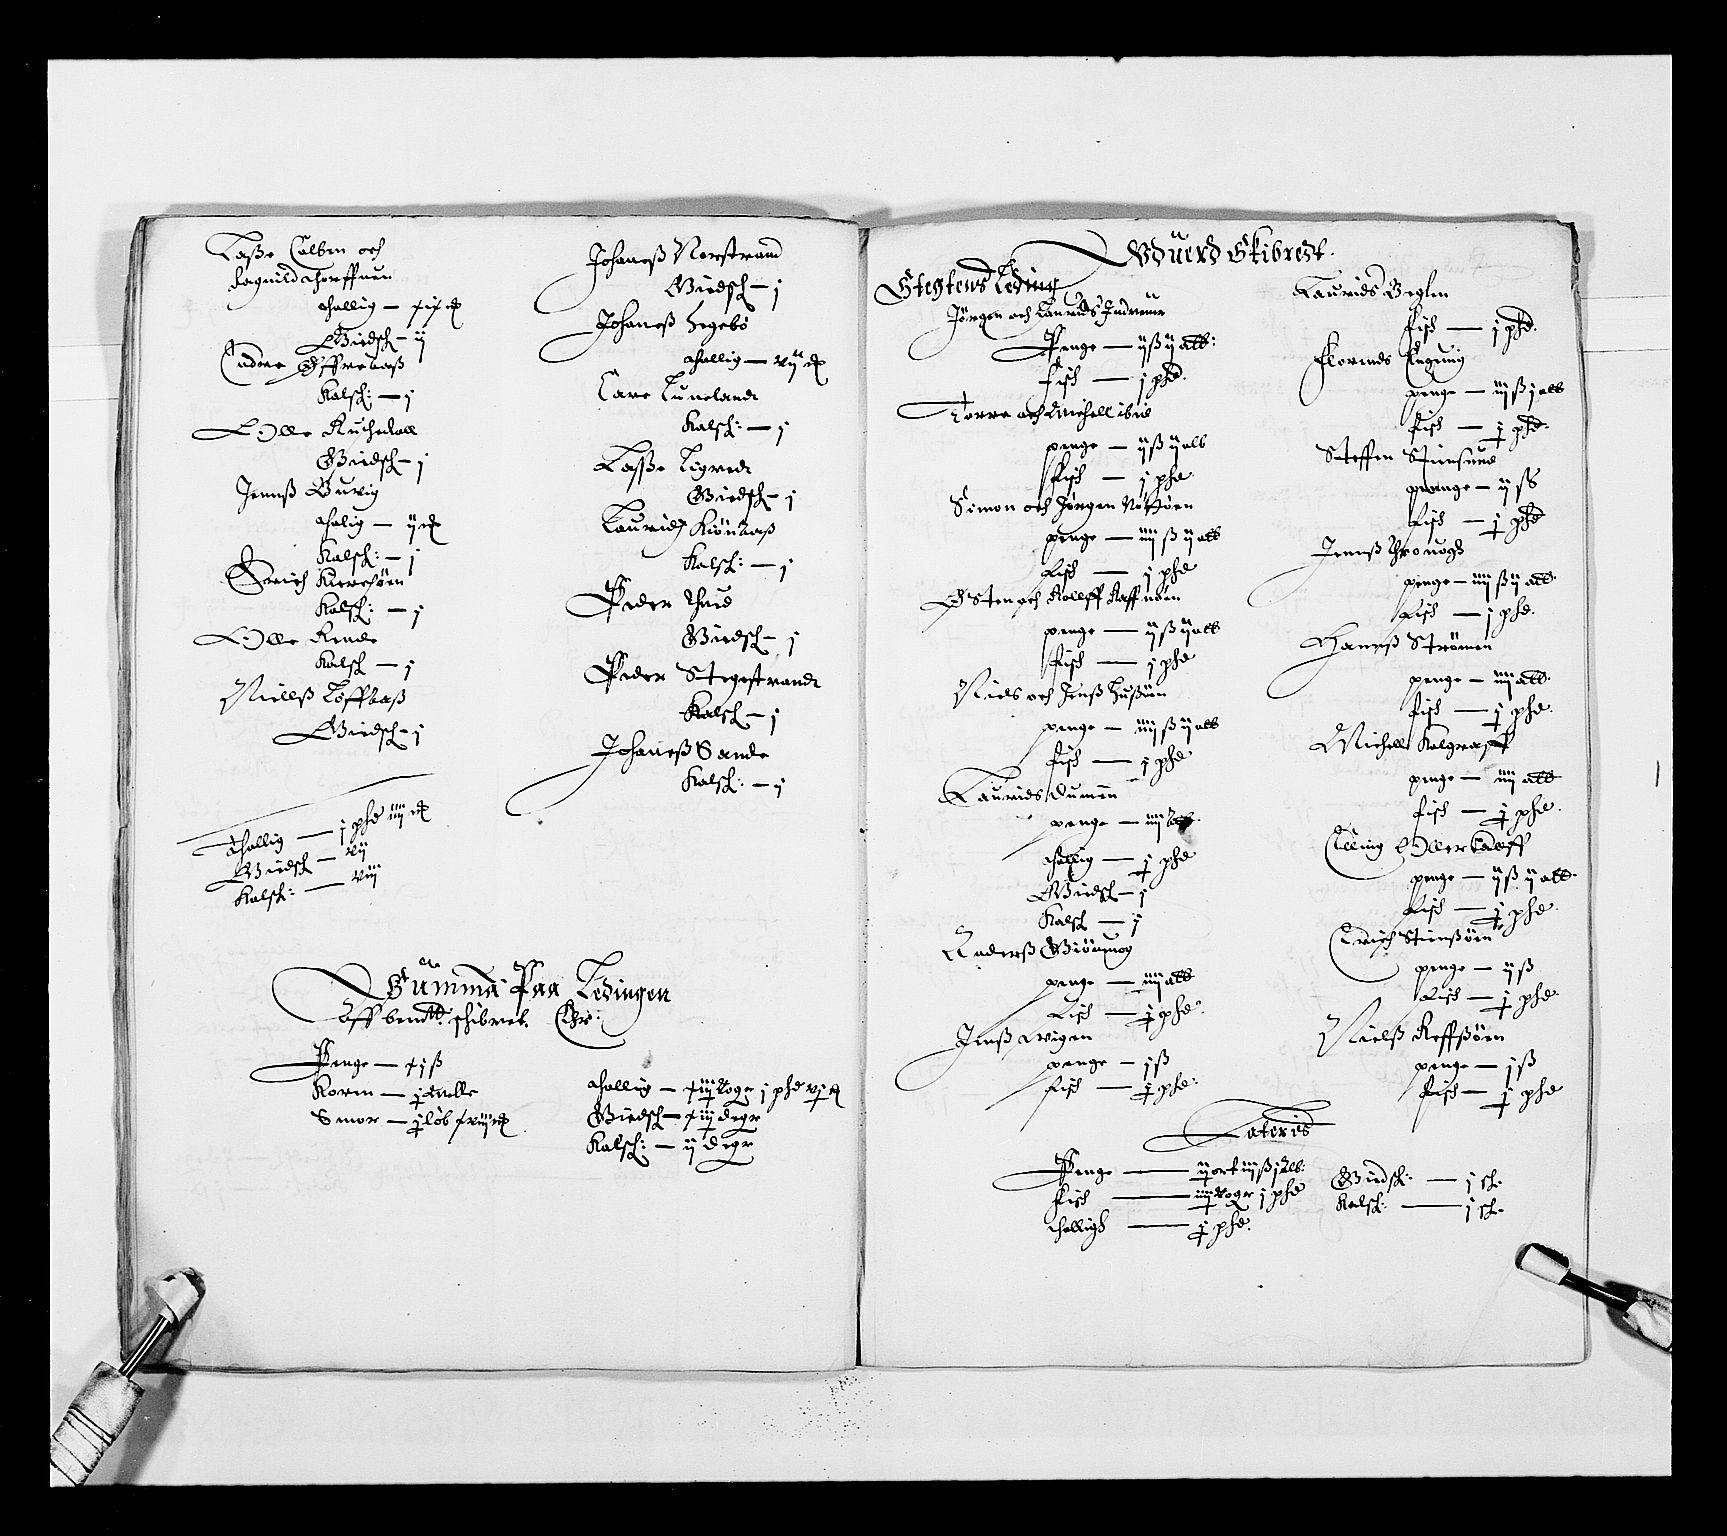 RA, Stattholderembetet 1572-1771, Ek/L0025: Jordebøker 1633-1658:, 1645-1646, s. 137